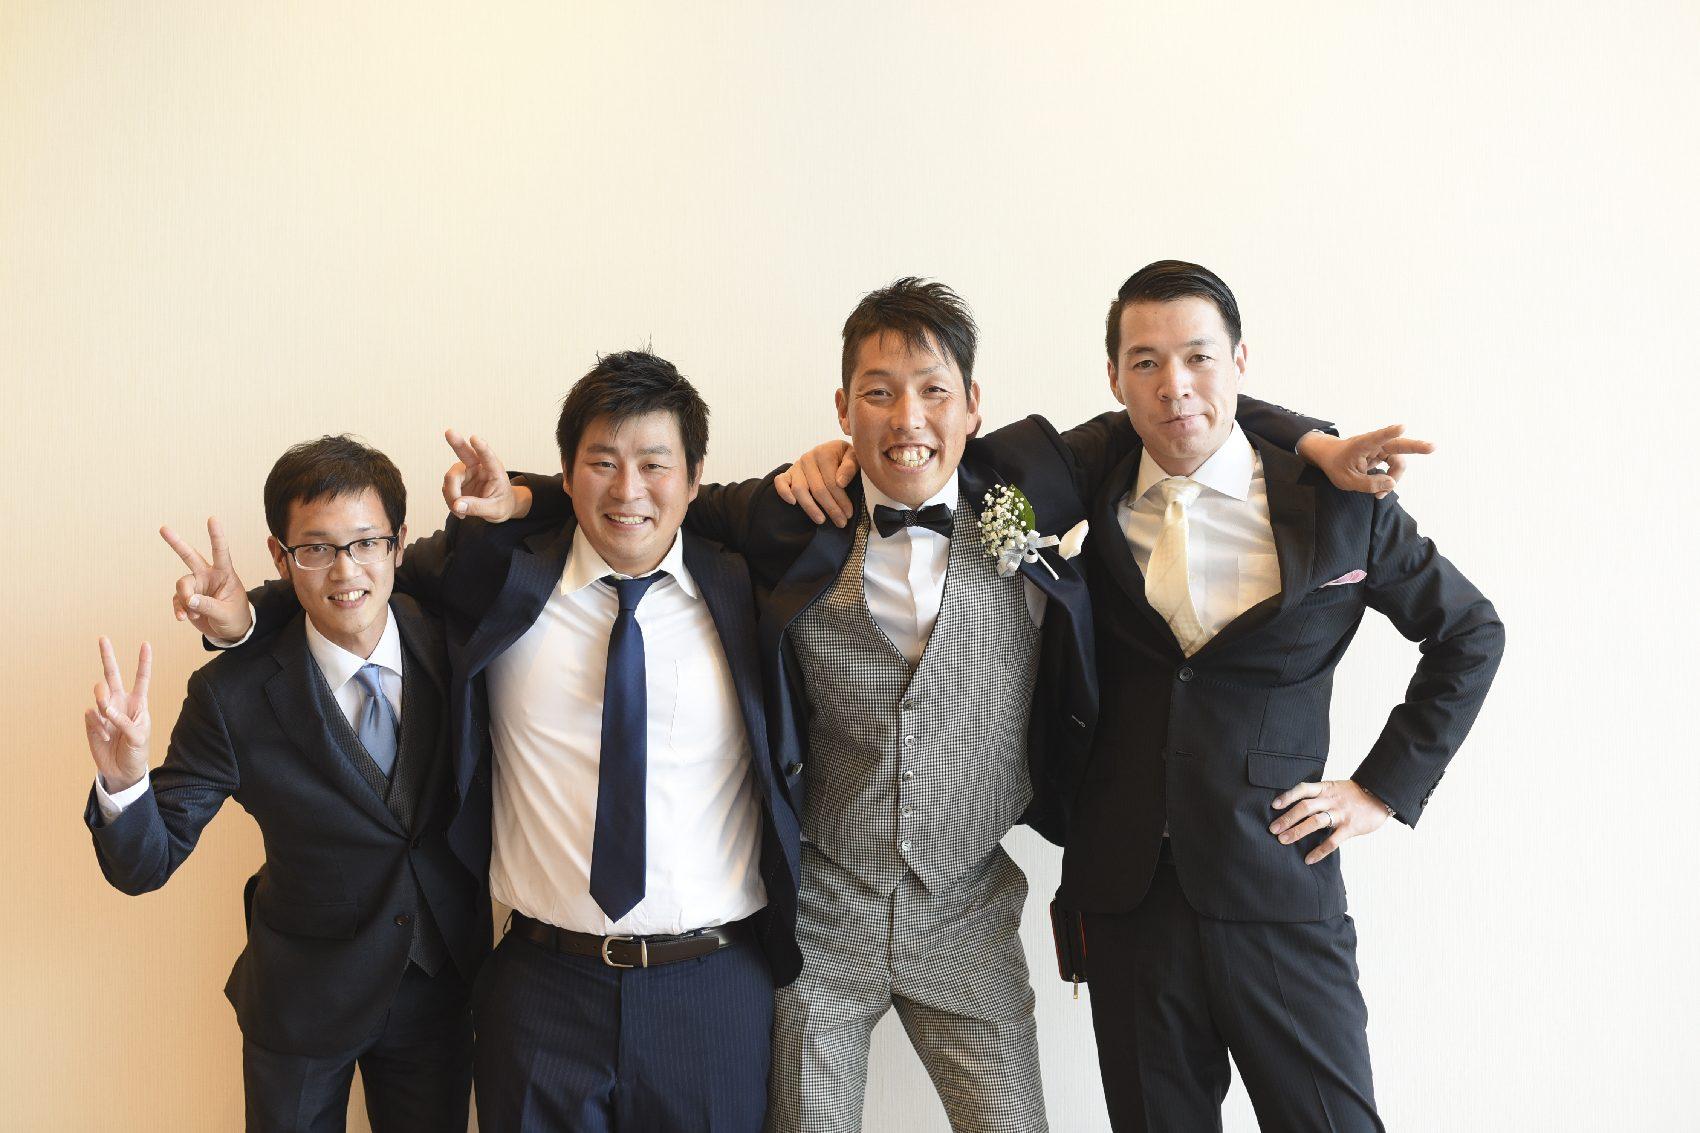 香川県高松市の結婚式場アナザースタイルの新郎と兄弟との記念写真